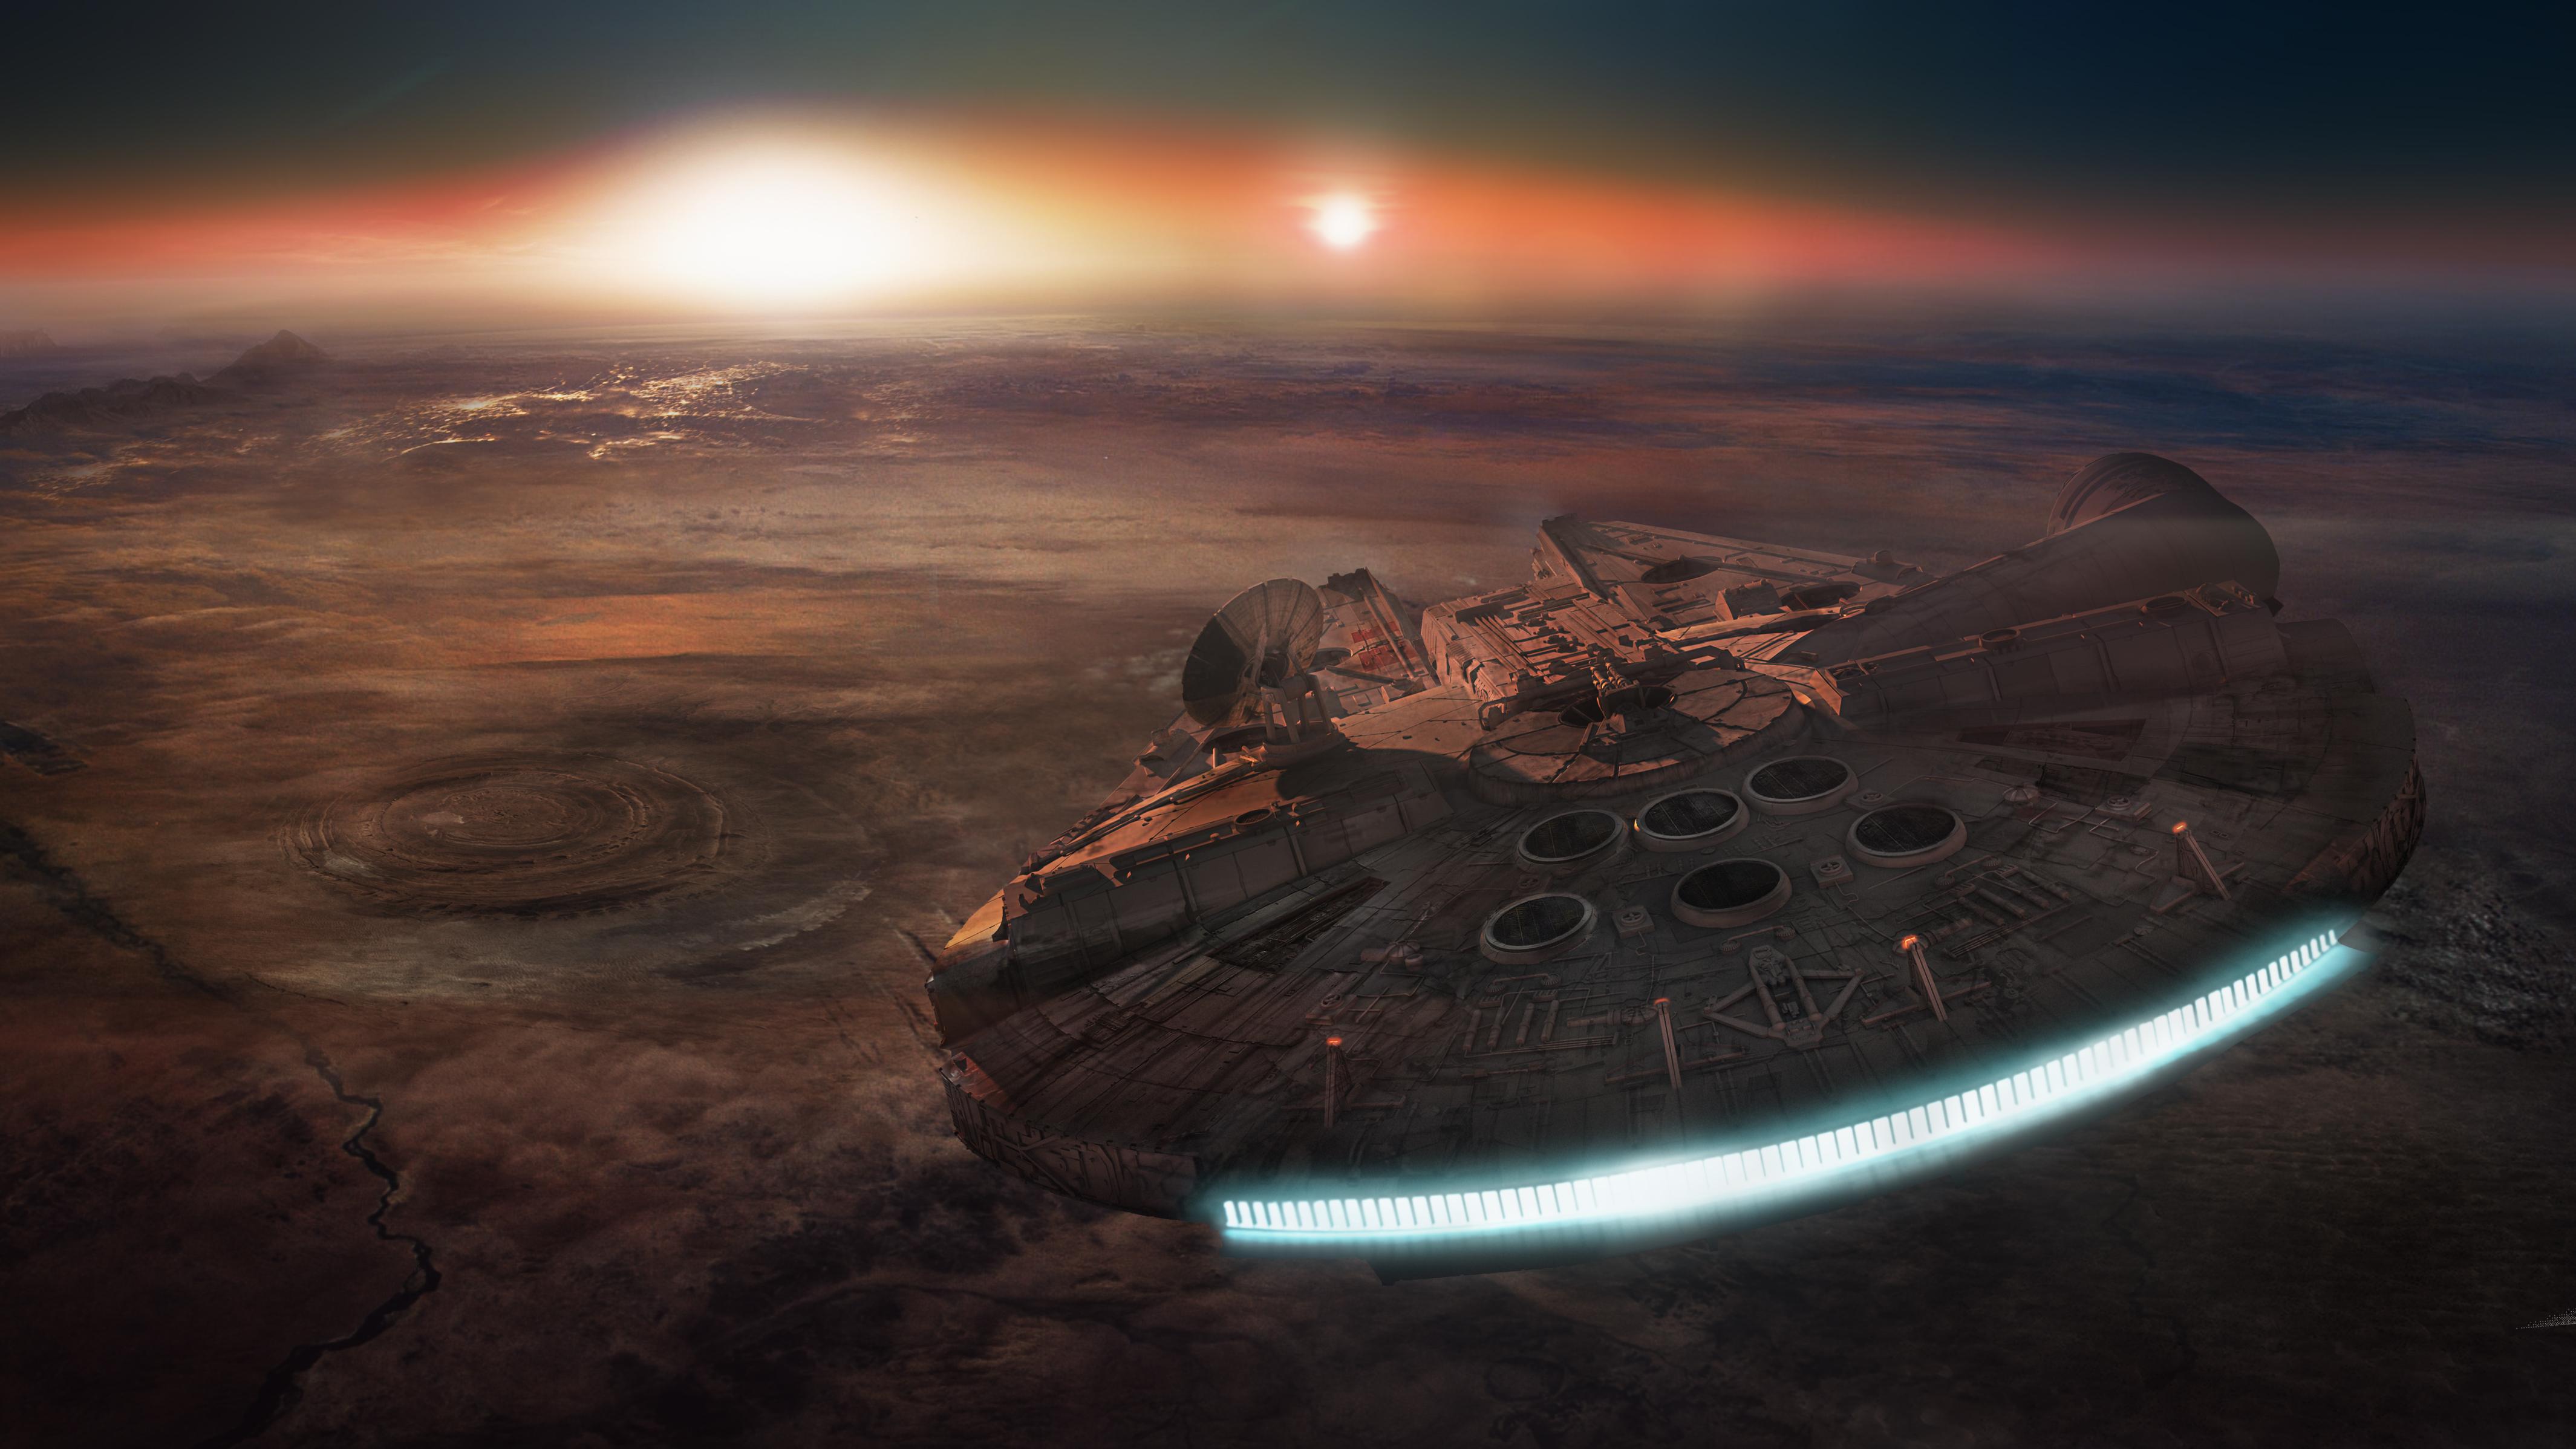 1920x1080 space scifi star wars episode fan art 3 - 4k star wars wallpaper ...